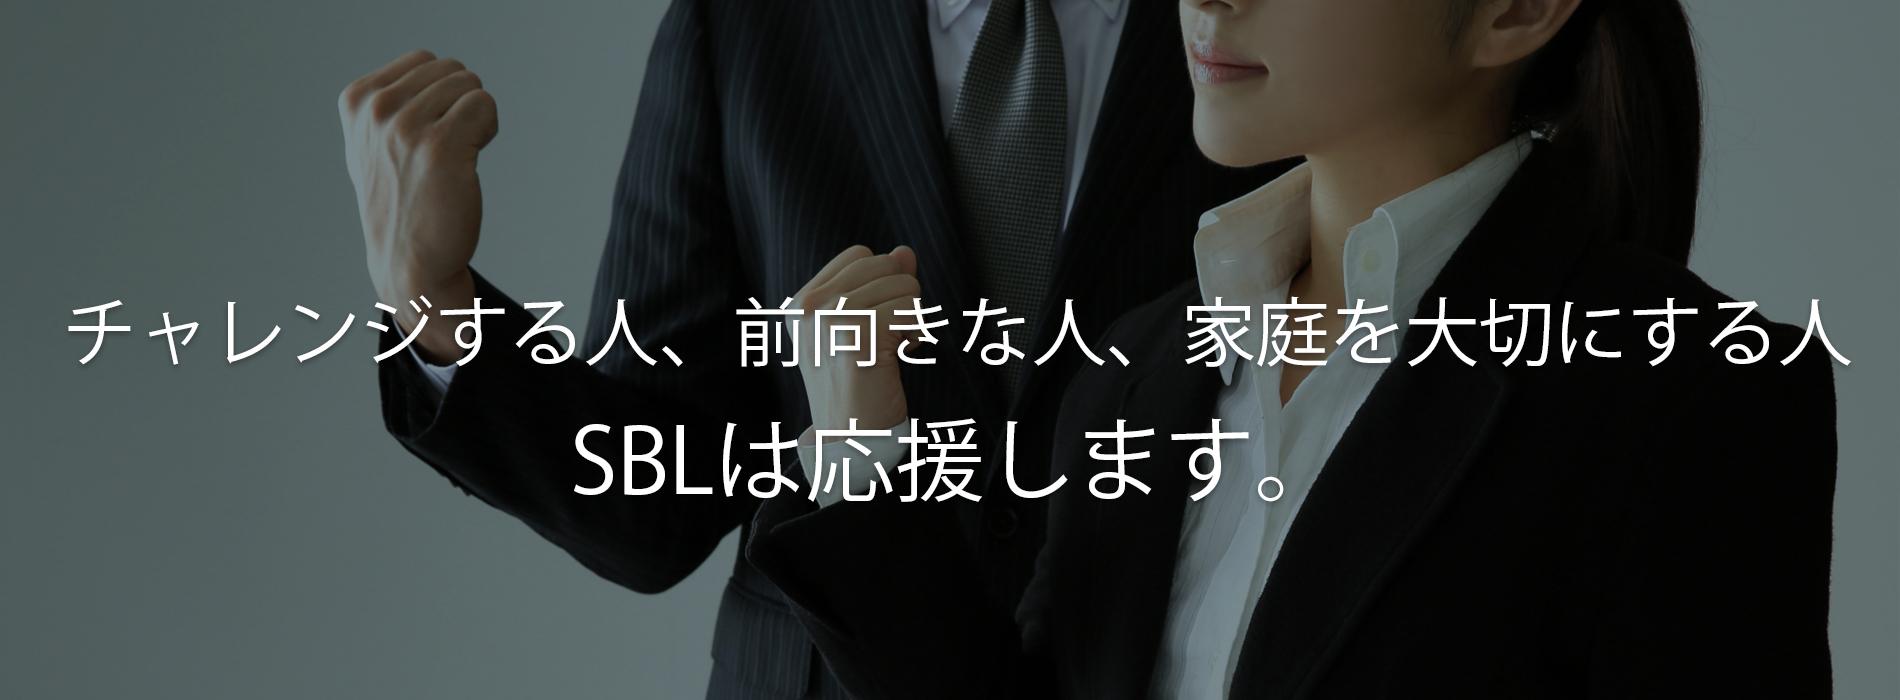 チャレンジする人、前向きな人、家庭を大切にする人、SBLは応援します。